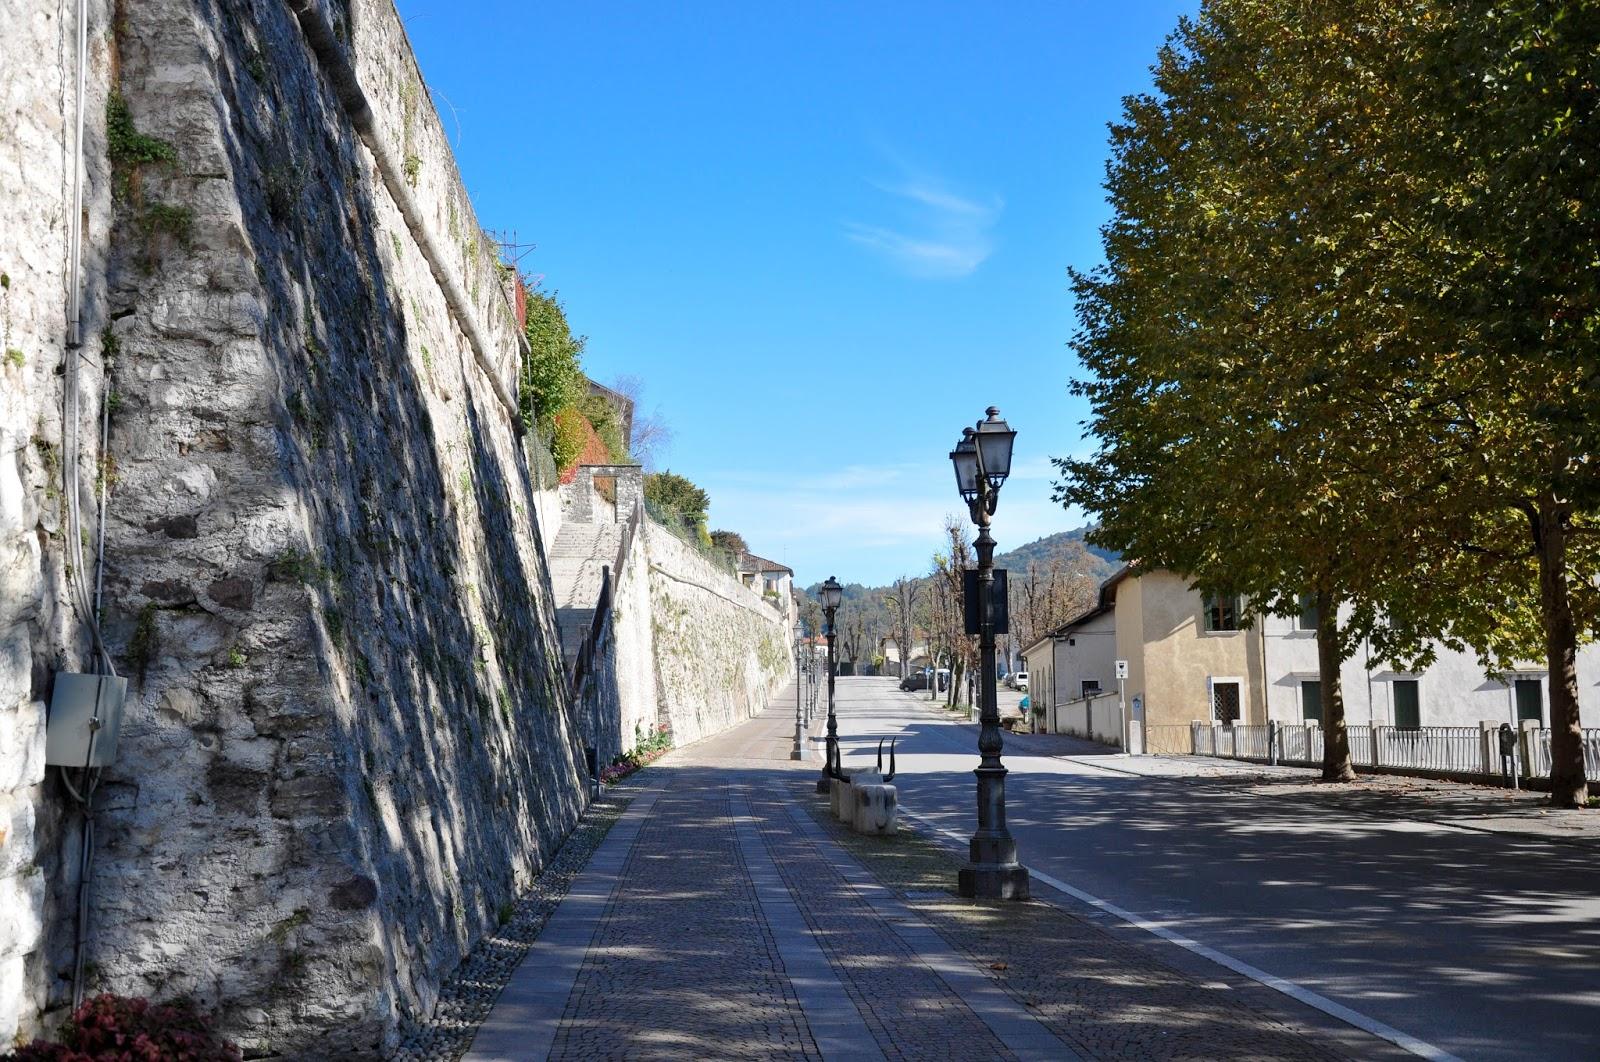 The street along the ramparts, Feltre, Veneto, Italy